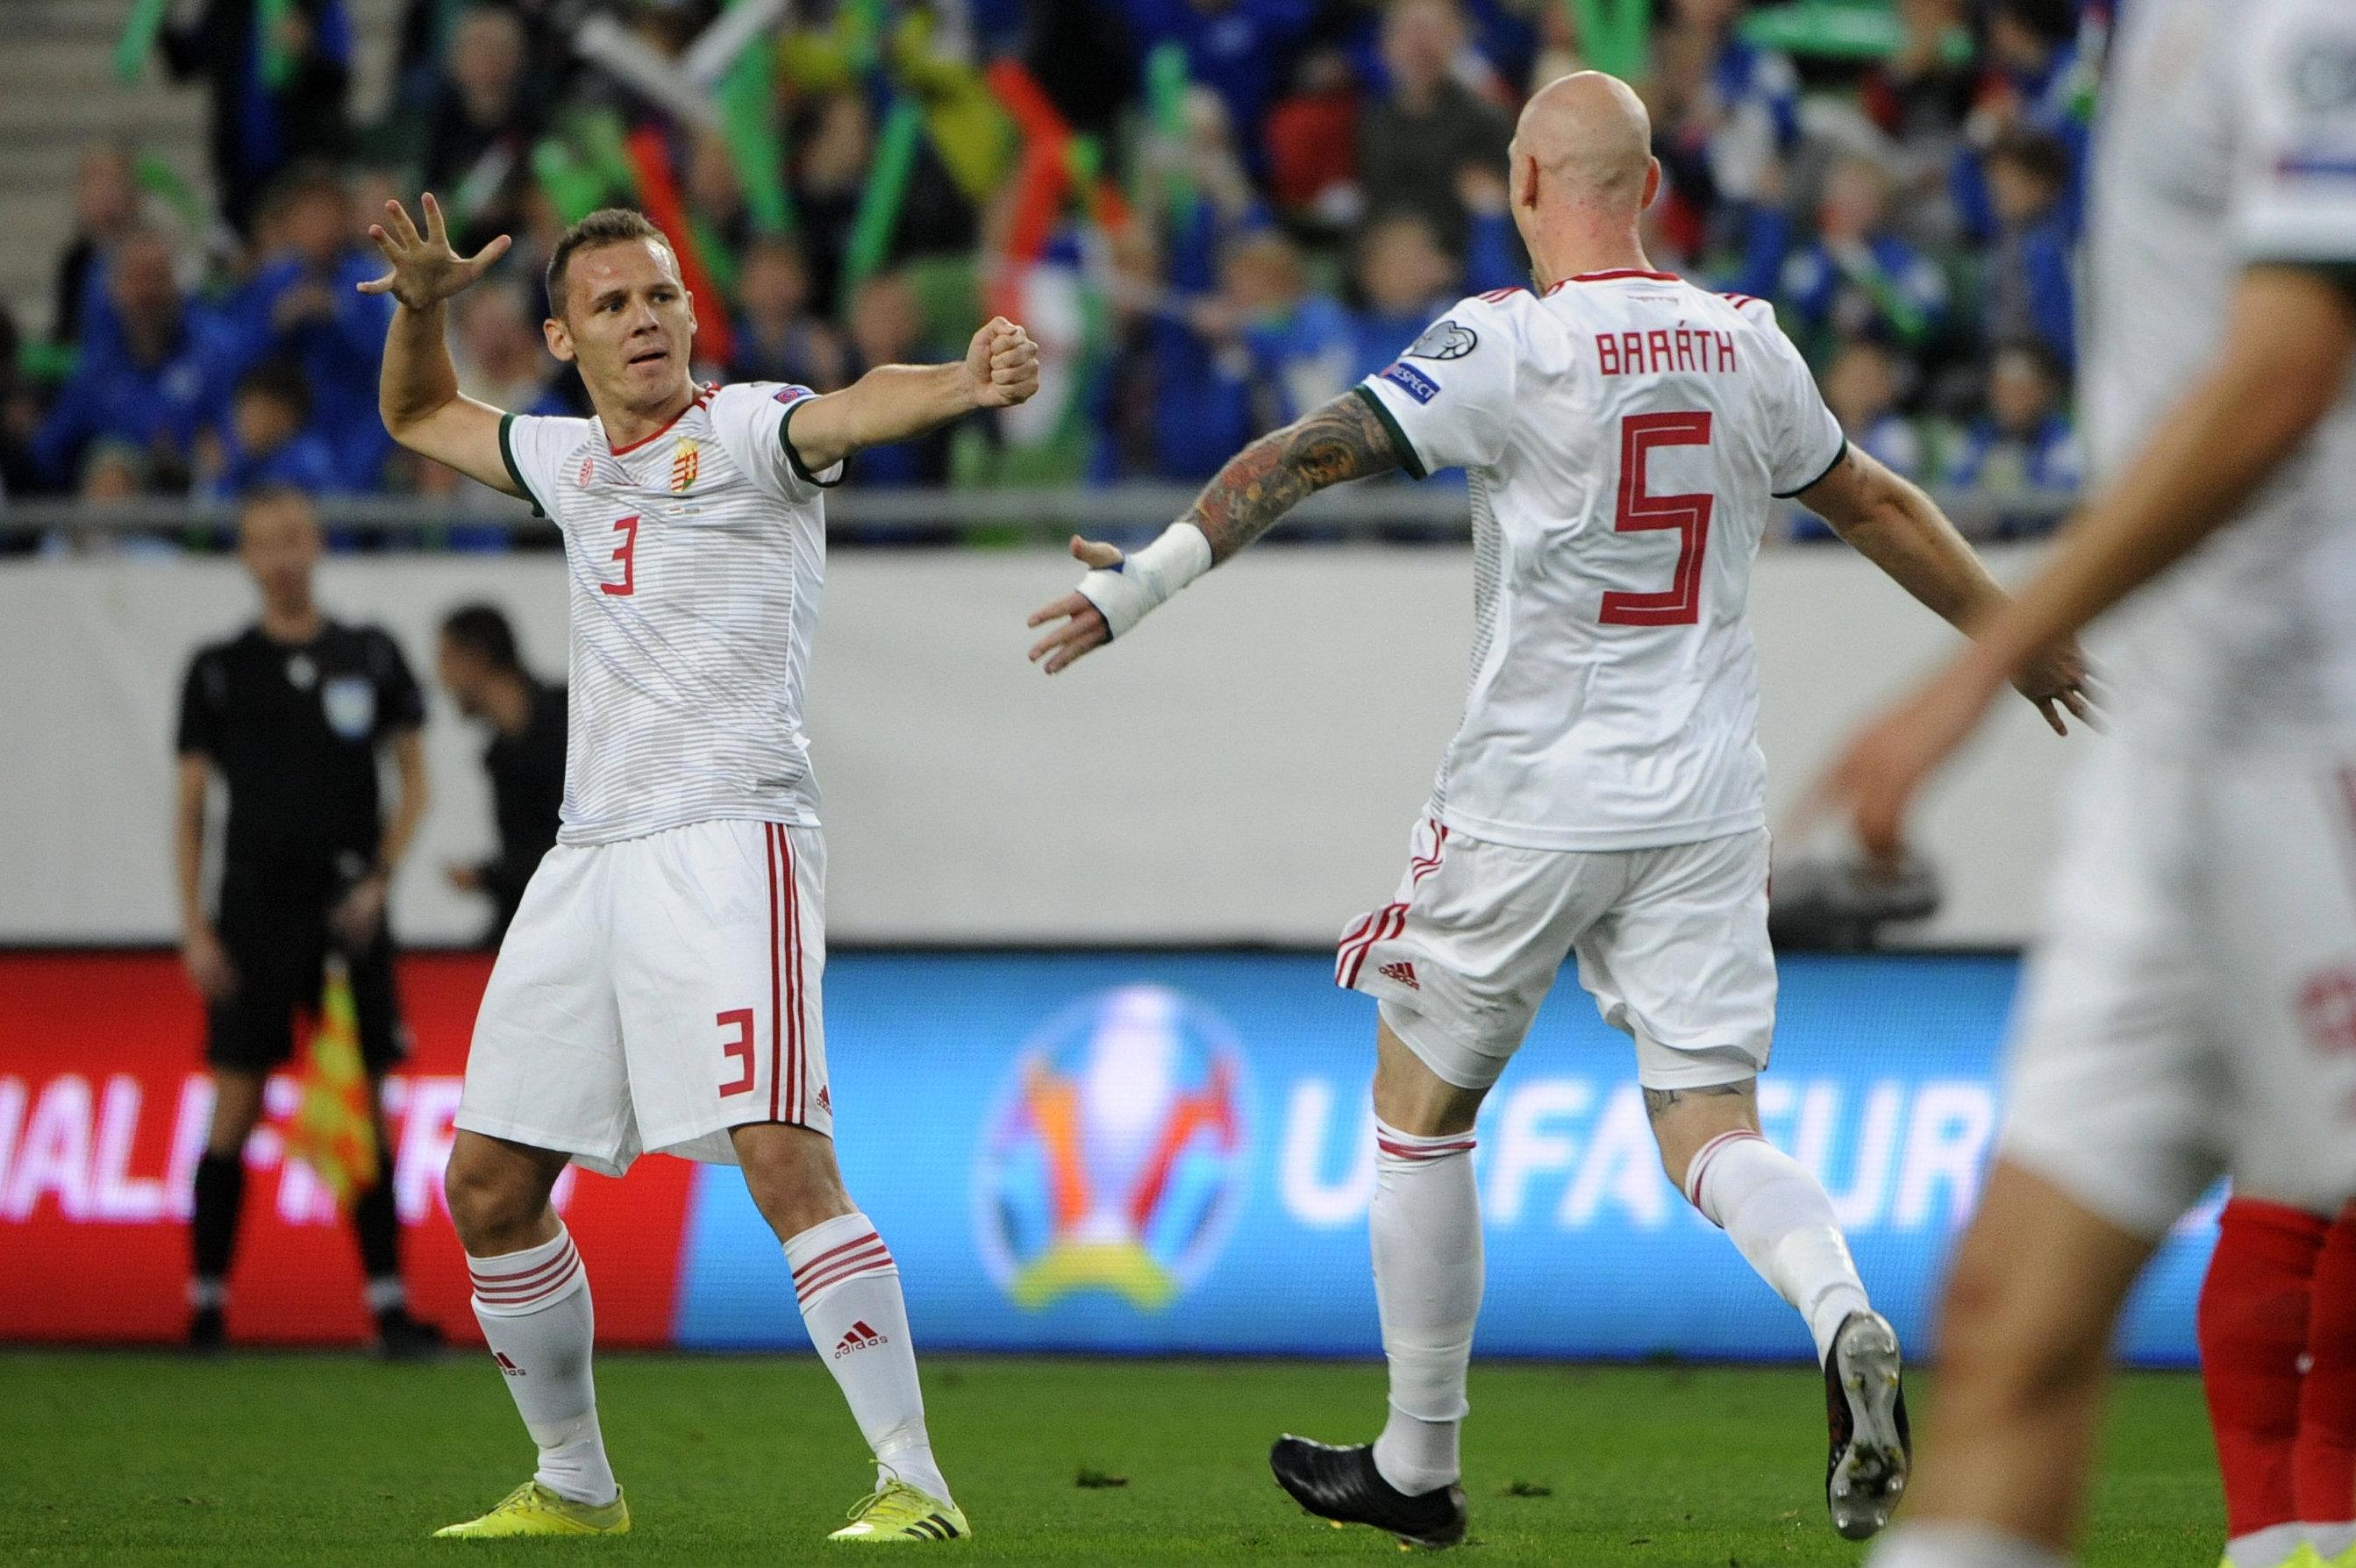 A magyar válogatott 1-0-ra verte meg Azerbajdzsánt, amitől egy szabályos gólt elvett a bíró